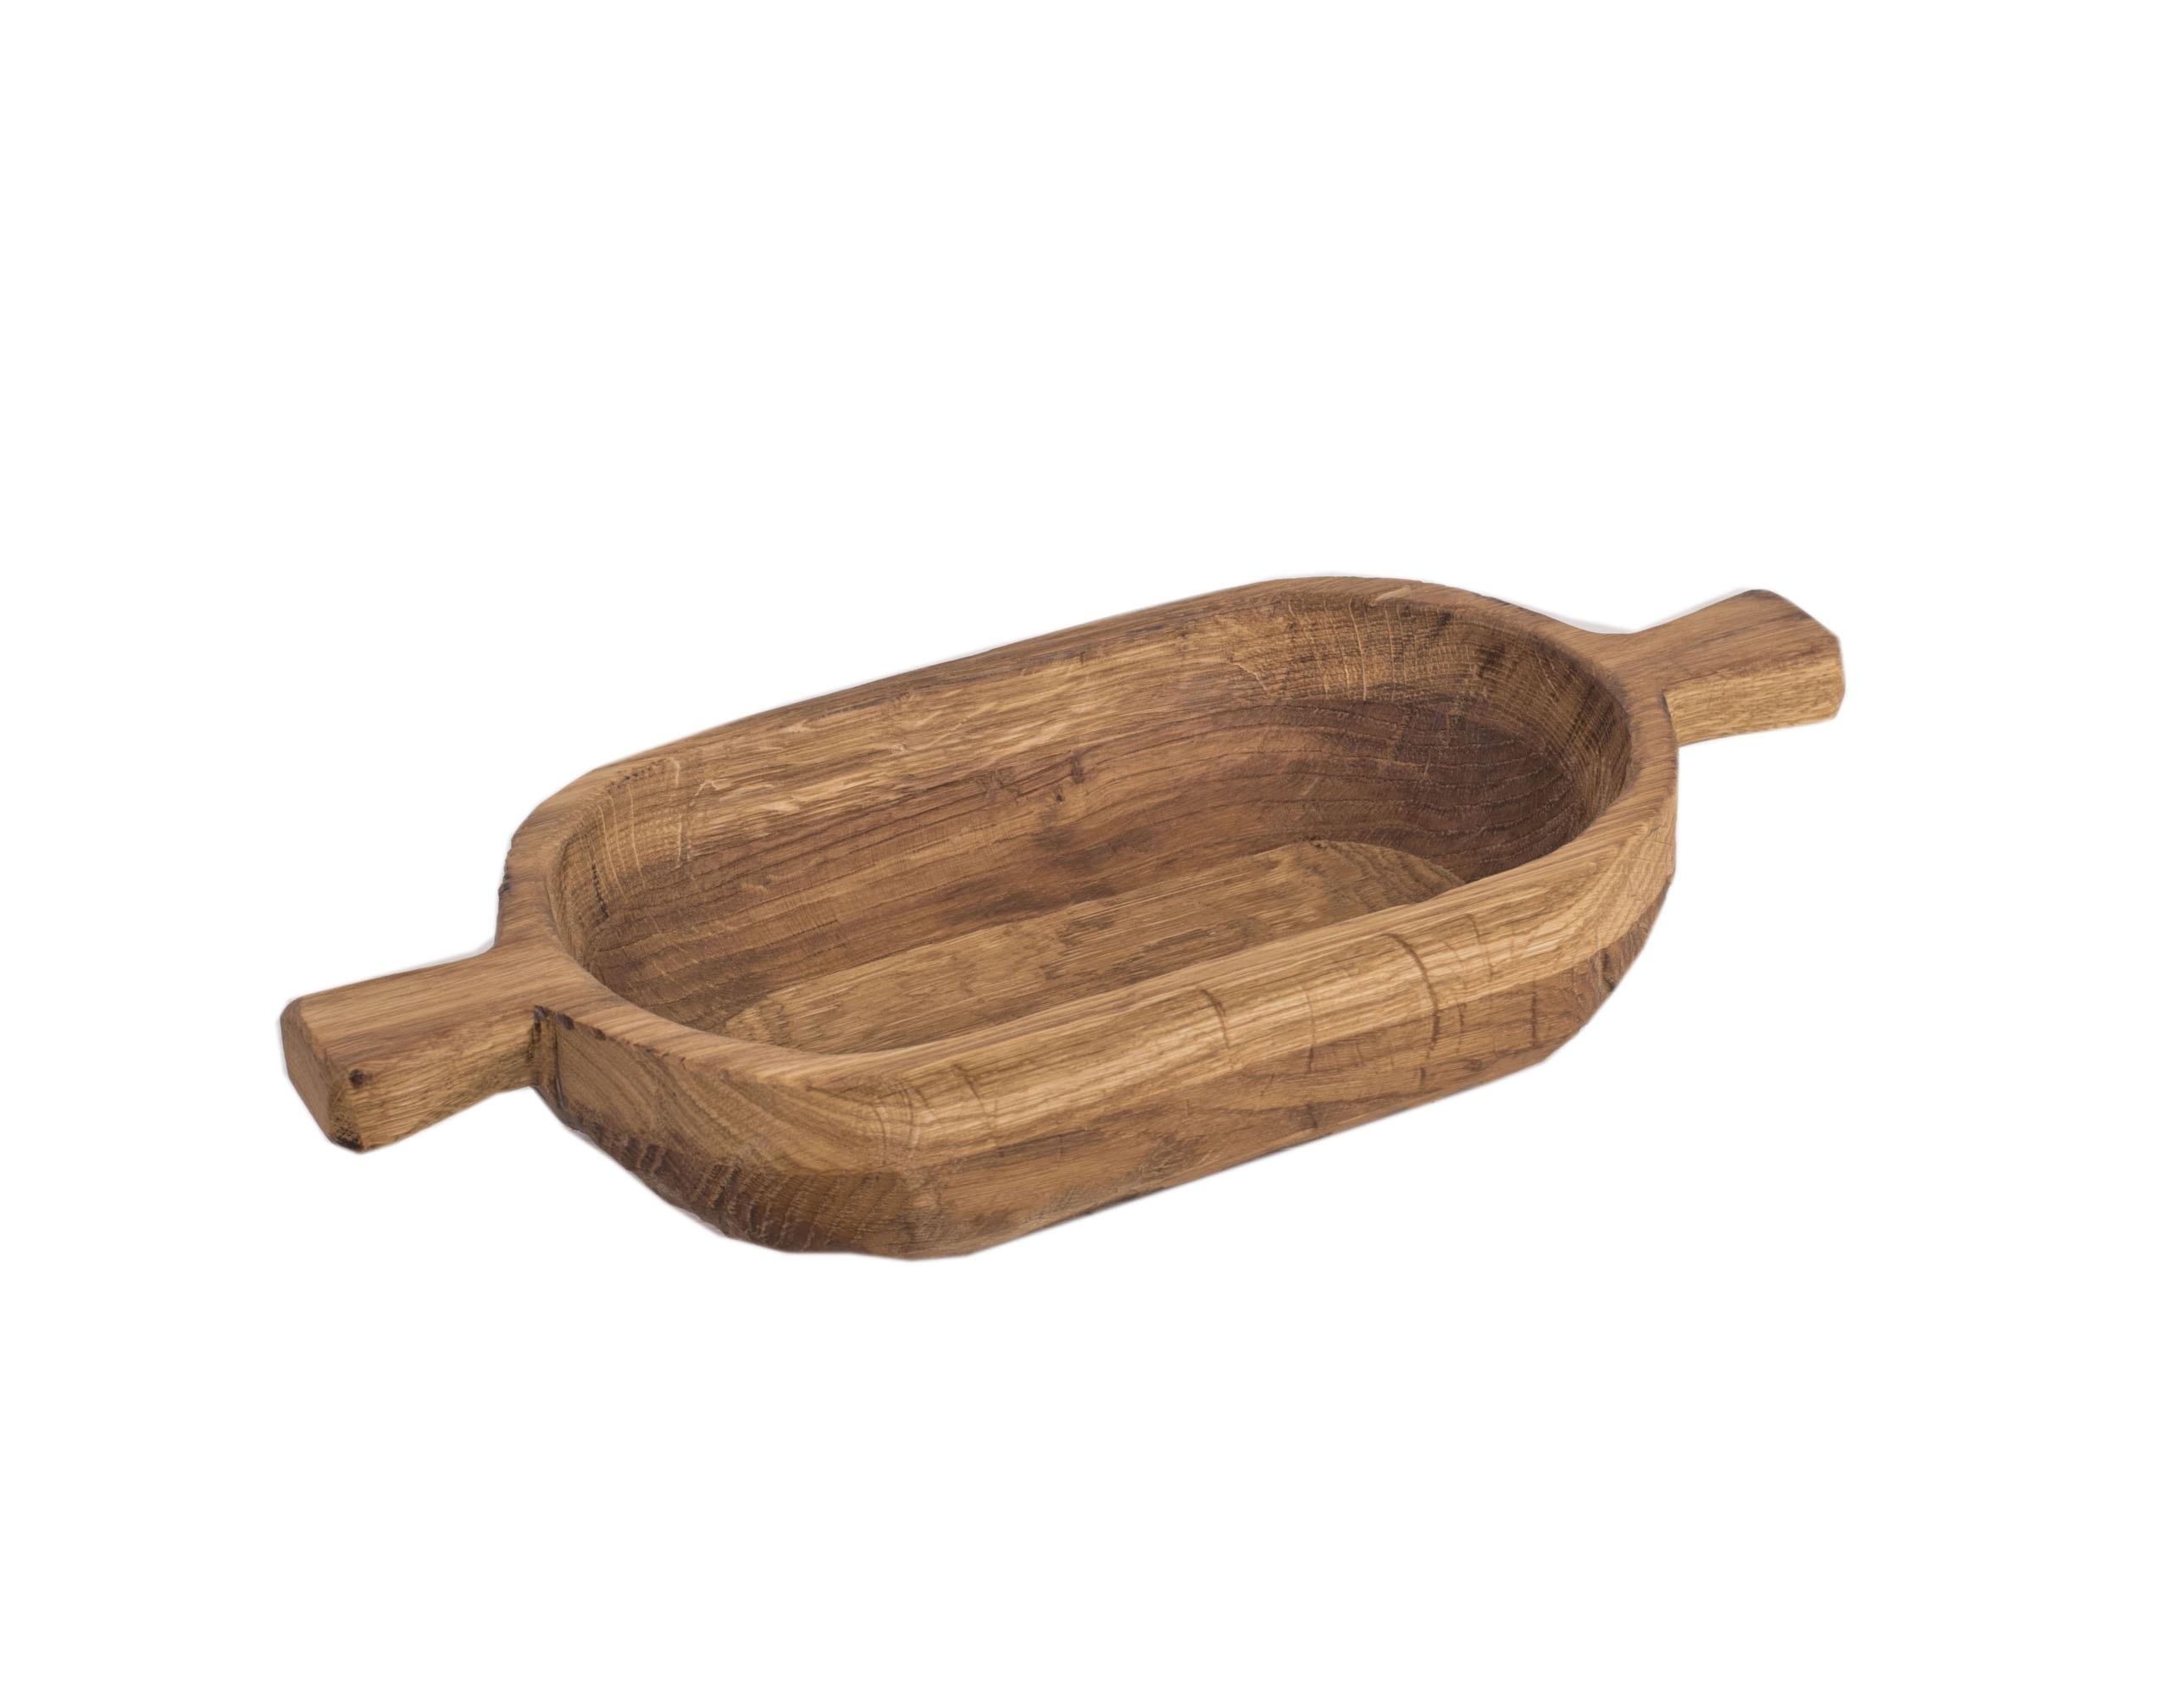 ПлошкаДекоративные блюда<br>Данная посуда вдохновлена традиционными русскими формами - посудой, которую использовали в повседневной жизни на Руси: ковши, чарки, братины, кубки. Эти старинные формы актуальны и сейчас. Они отлично подходят для сервировки фруктов, салатов, лапши, других блюд и для украшения современных интерьеров. Покрытие: льняное масло. Сделано вручную. Изделие подходит для использования в пищевых целях. При активном использовании рекомендуется раз в месяц обновлять покрытие растительным маслом.<br><br>Material: Дуб<br>Length см: None<br>Width см: 32<br>Depth см: 18<br>Height см: 13